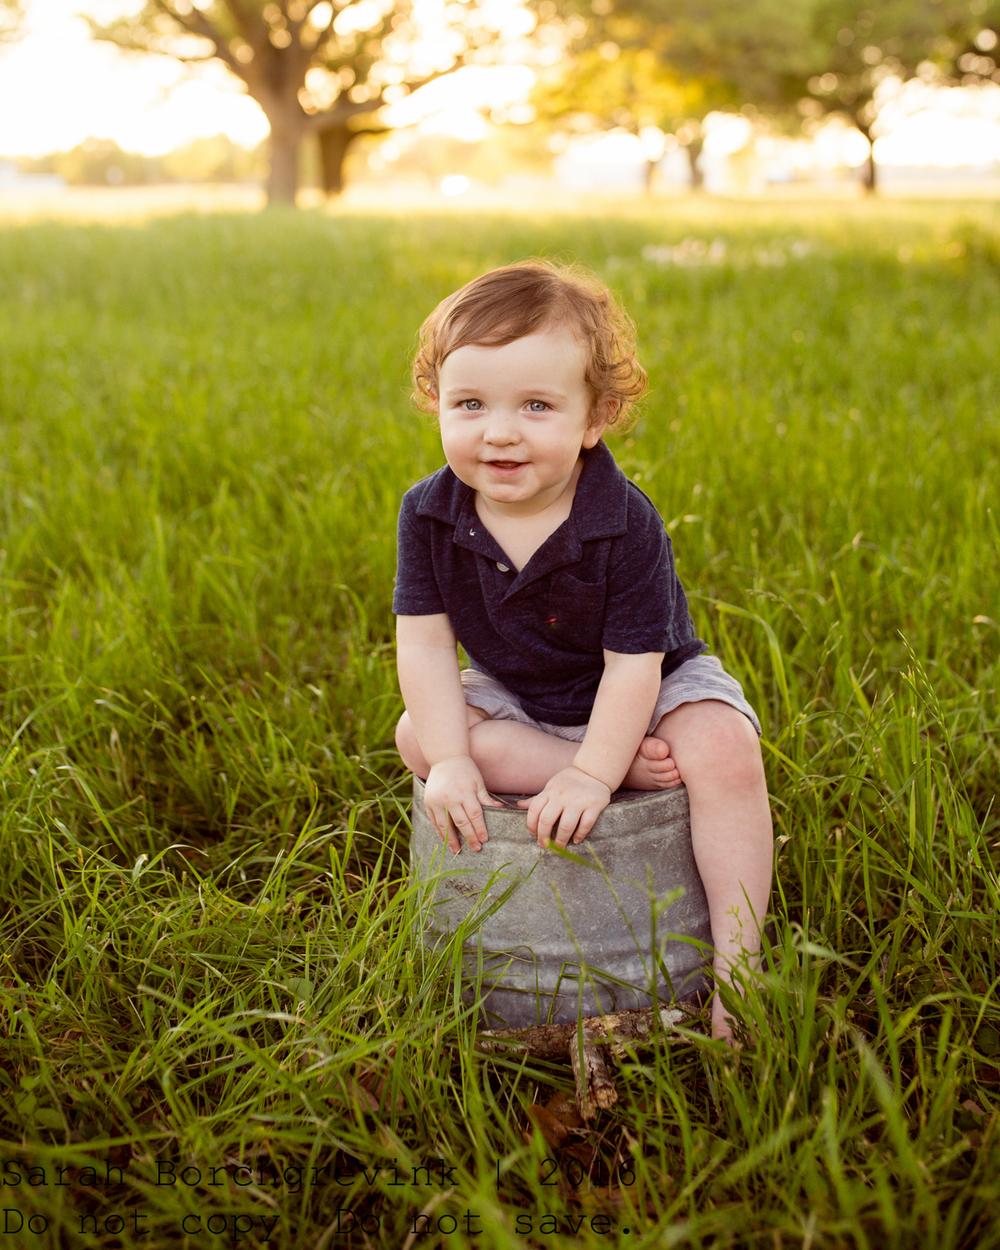 Houston TX Child Portraiture